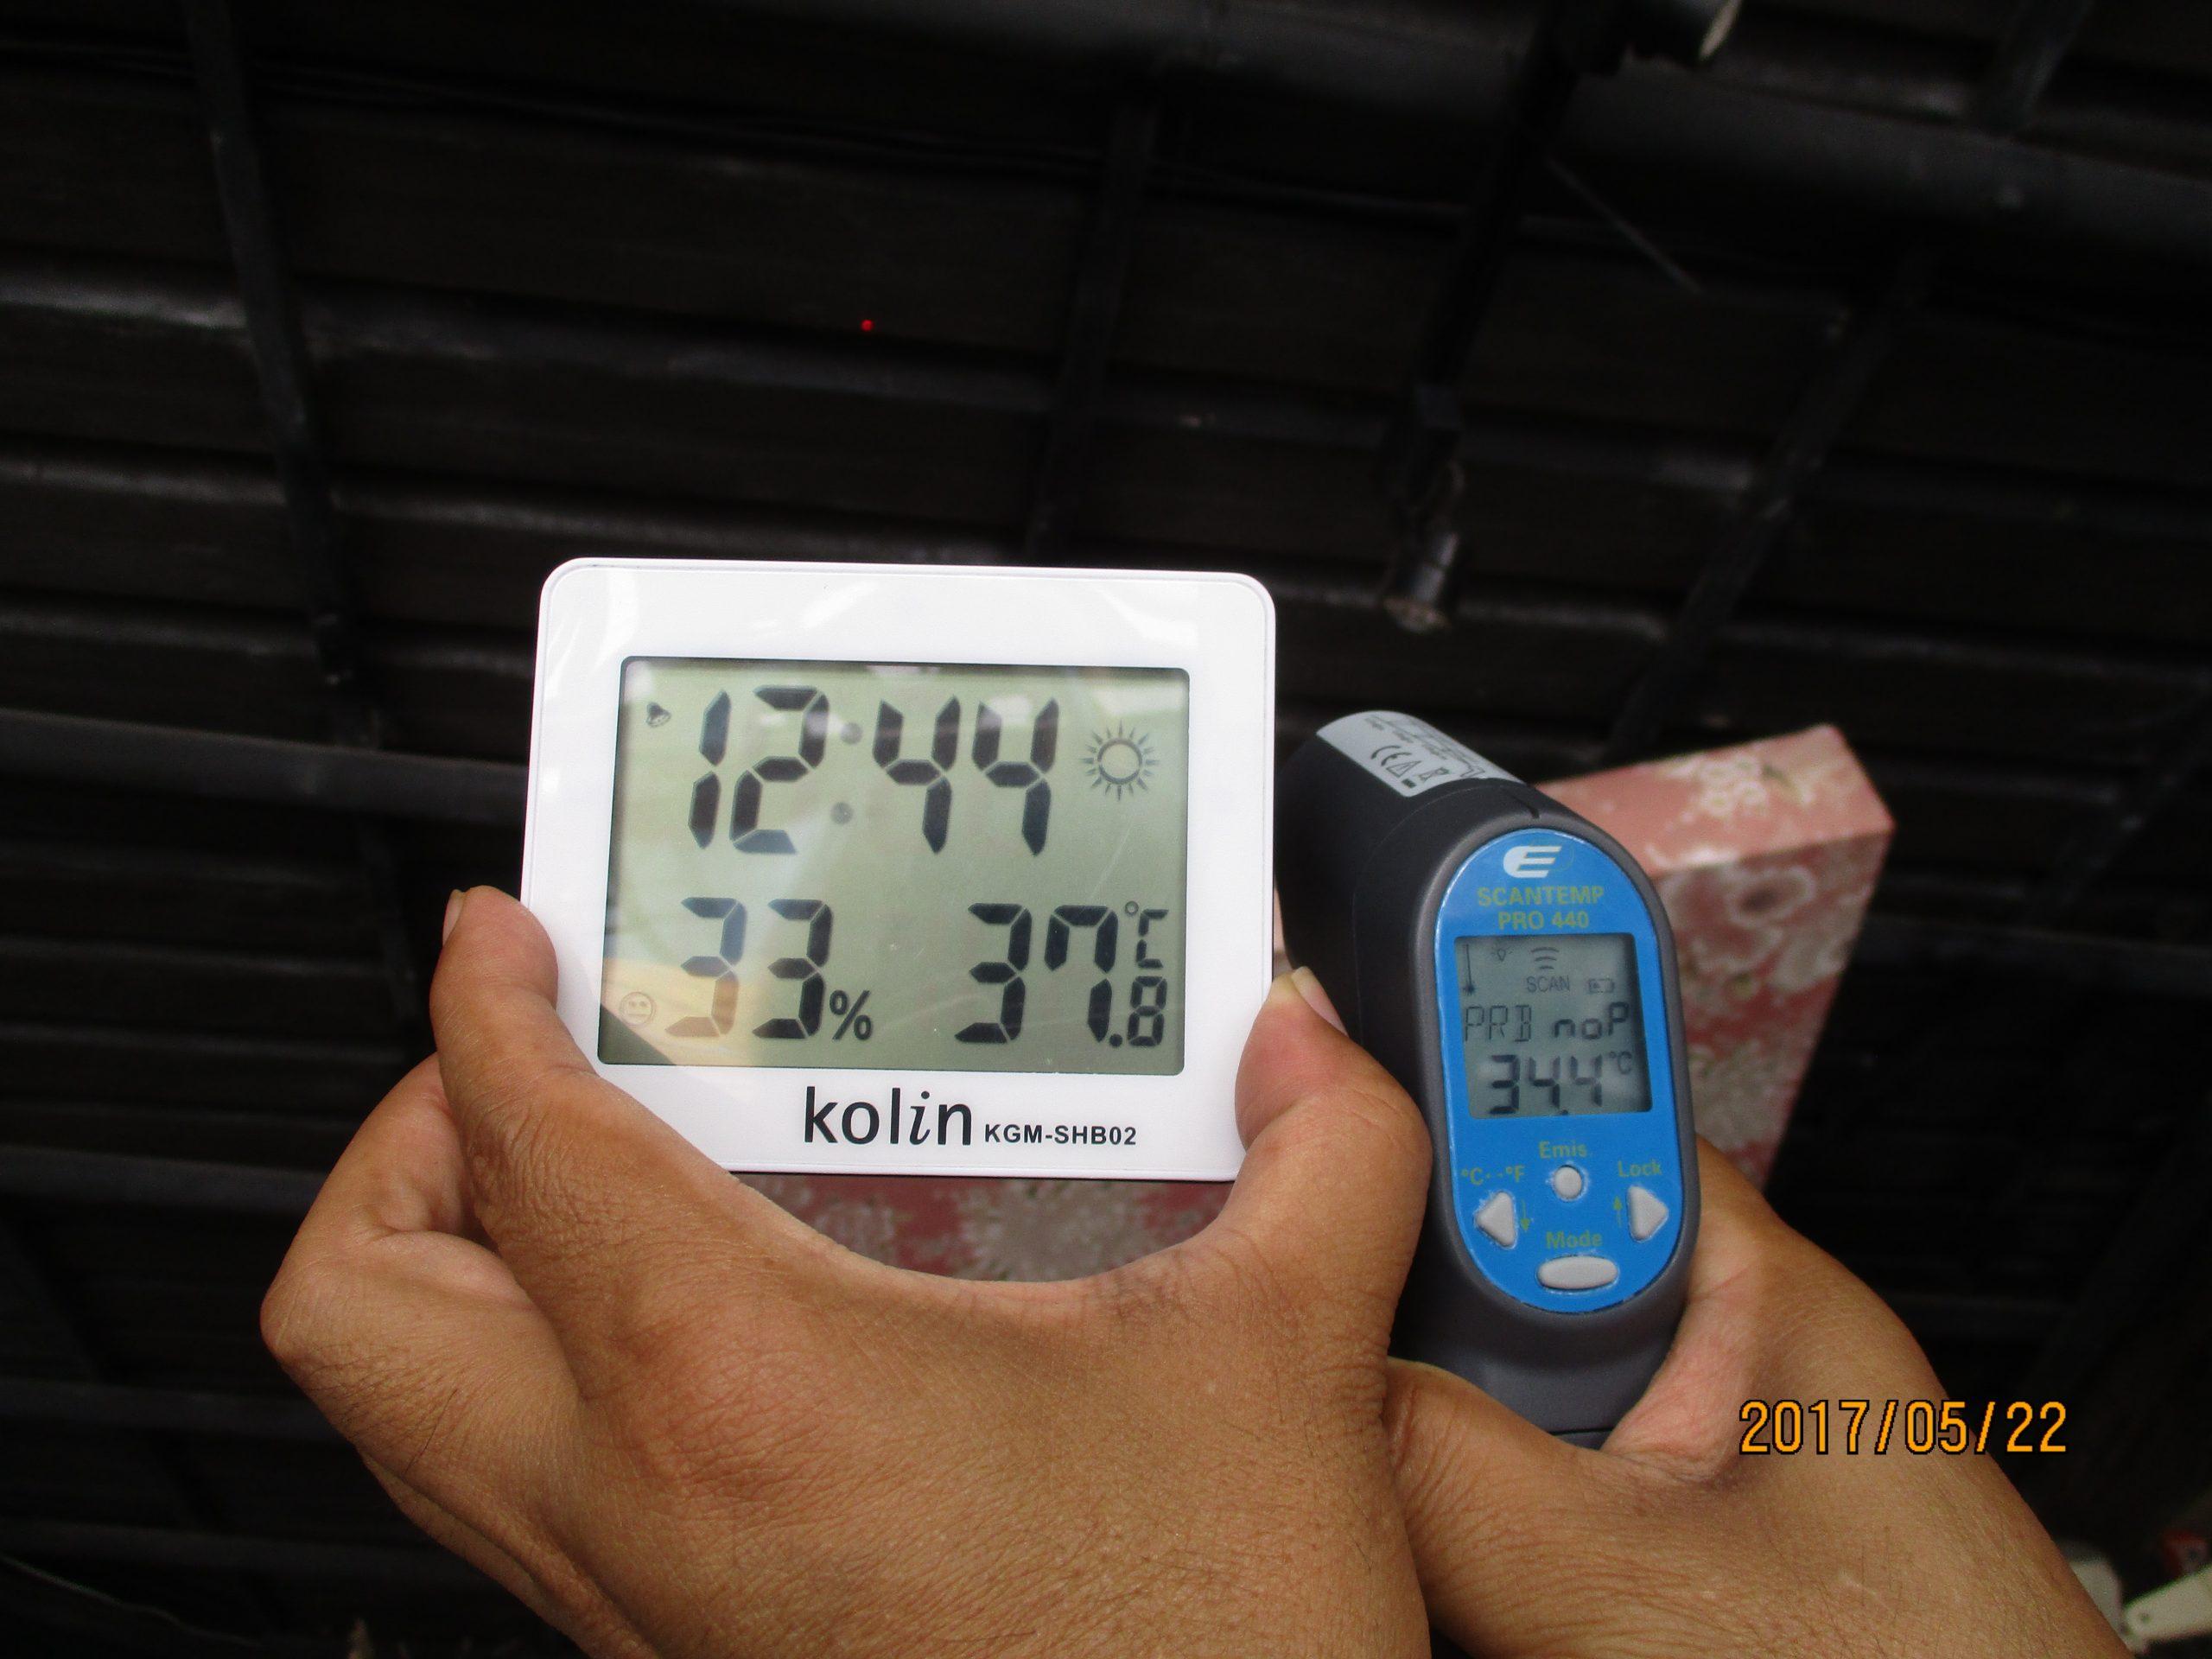 台灣屏東潮州餐廳使用CGF7600A水性抗污隔熱防水漆後溫度比較,有效隔熱保溫